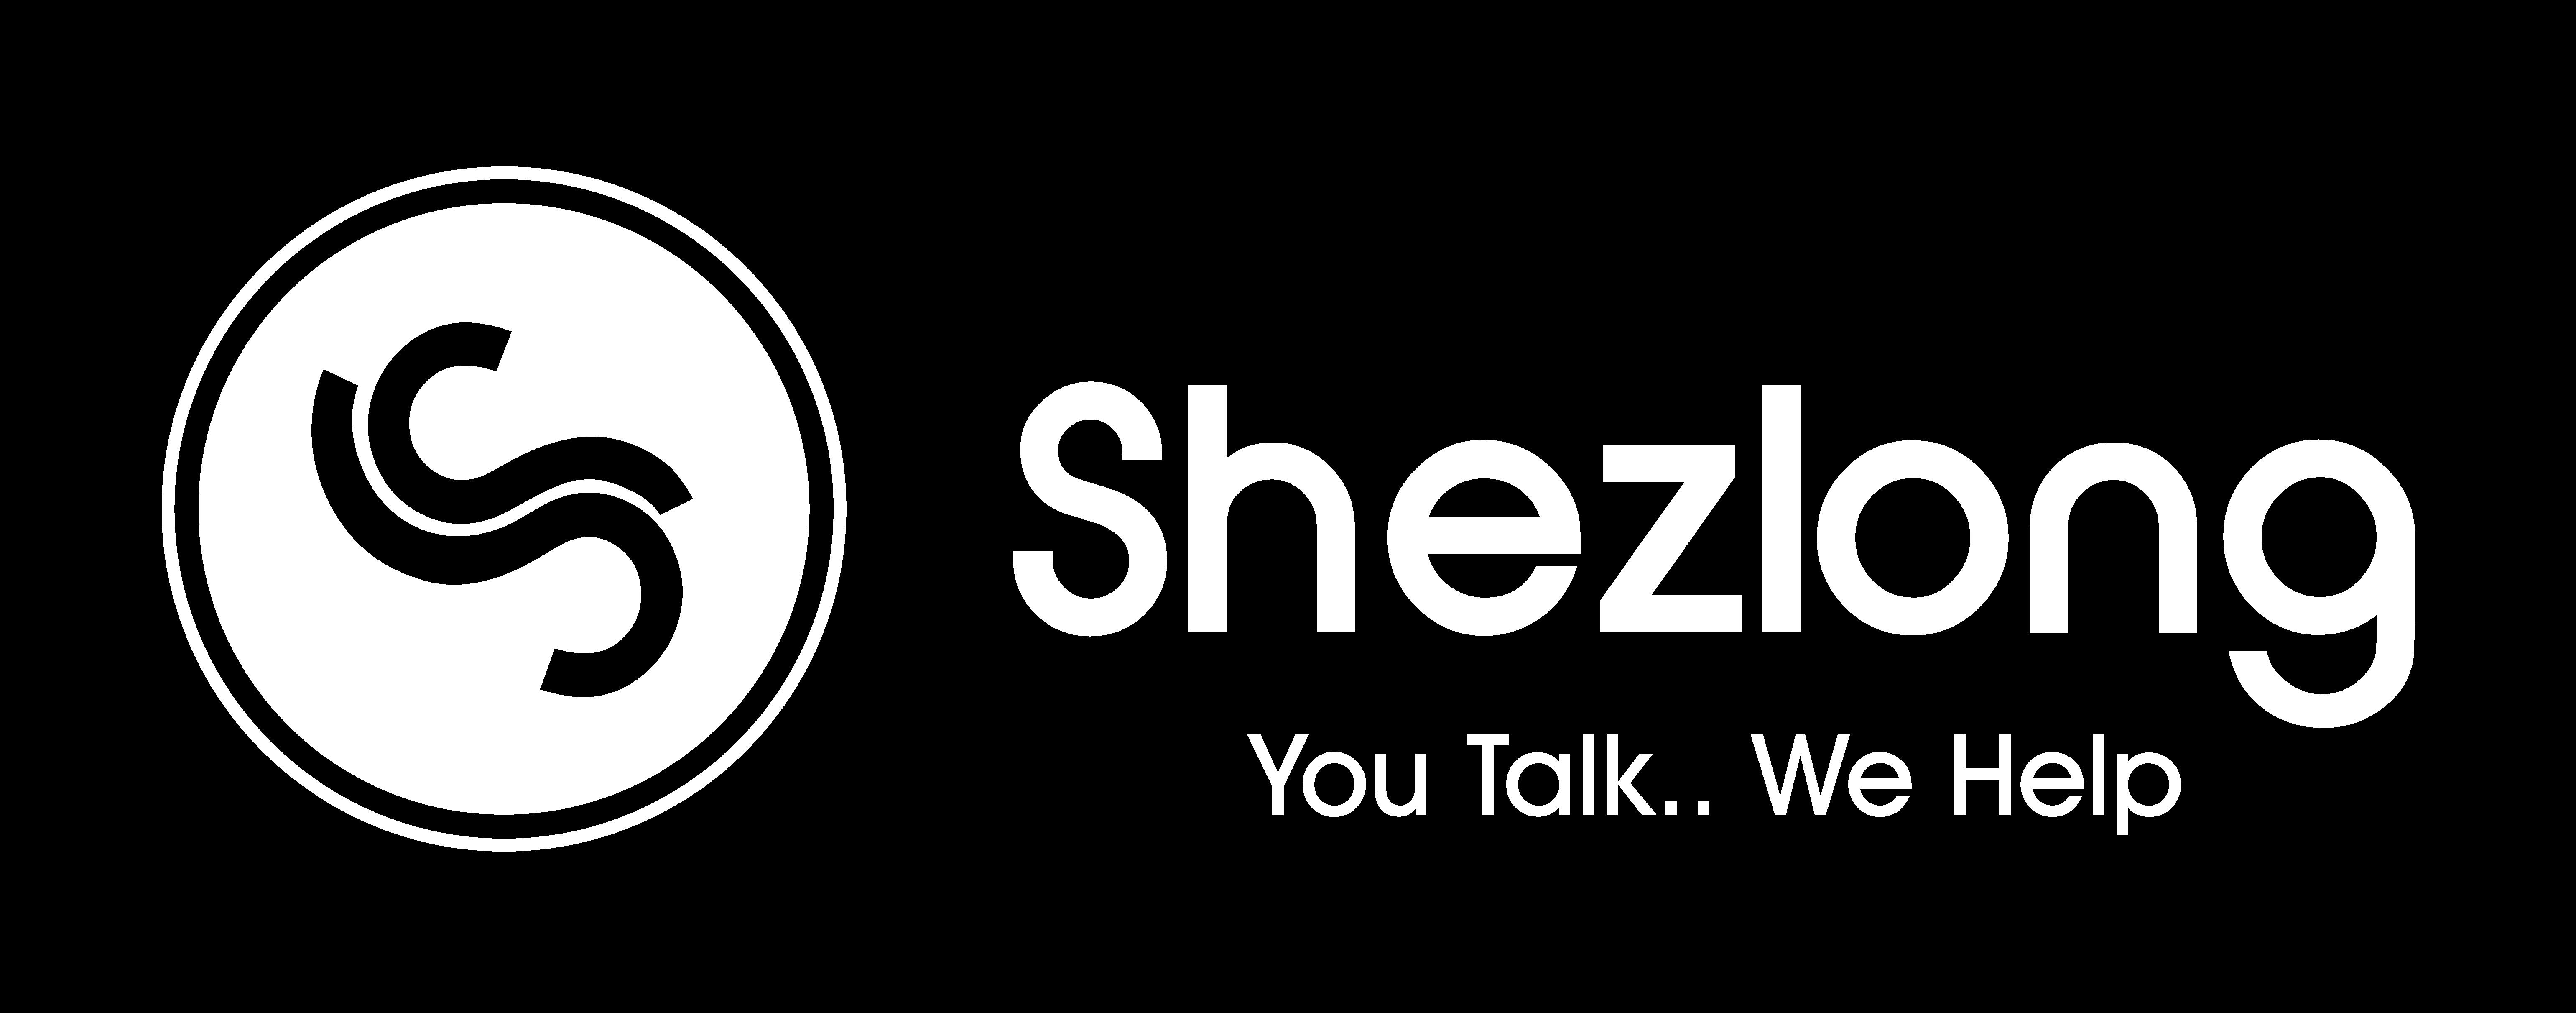 shezlong logo